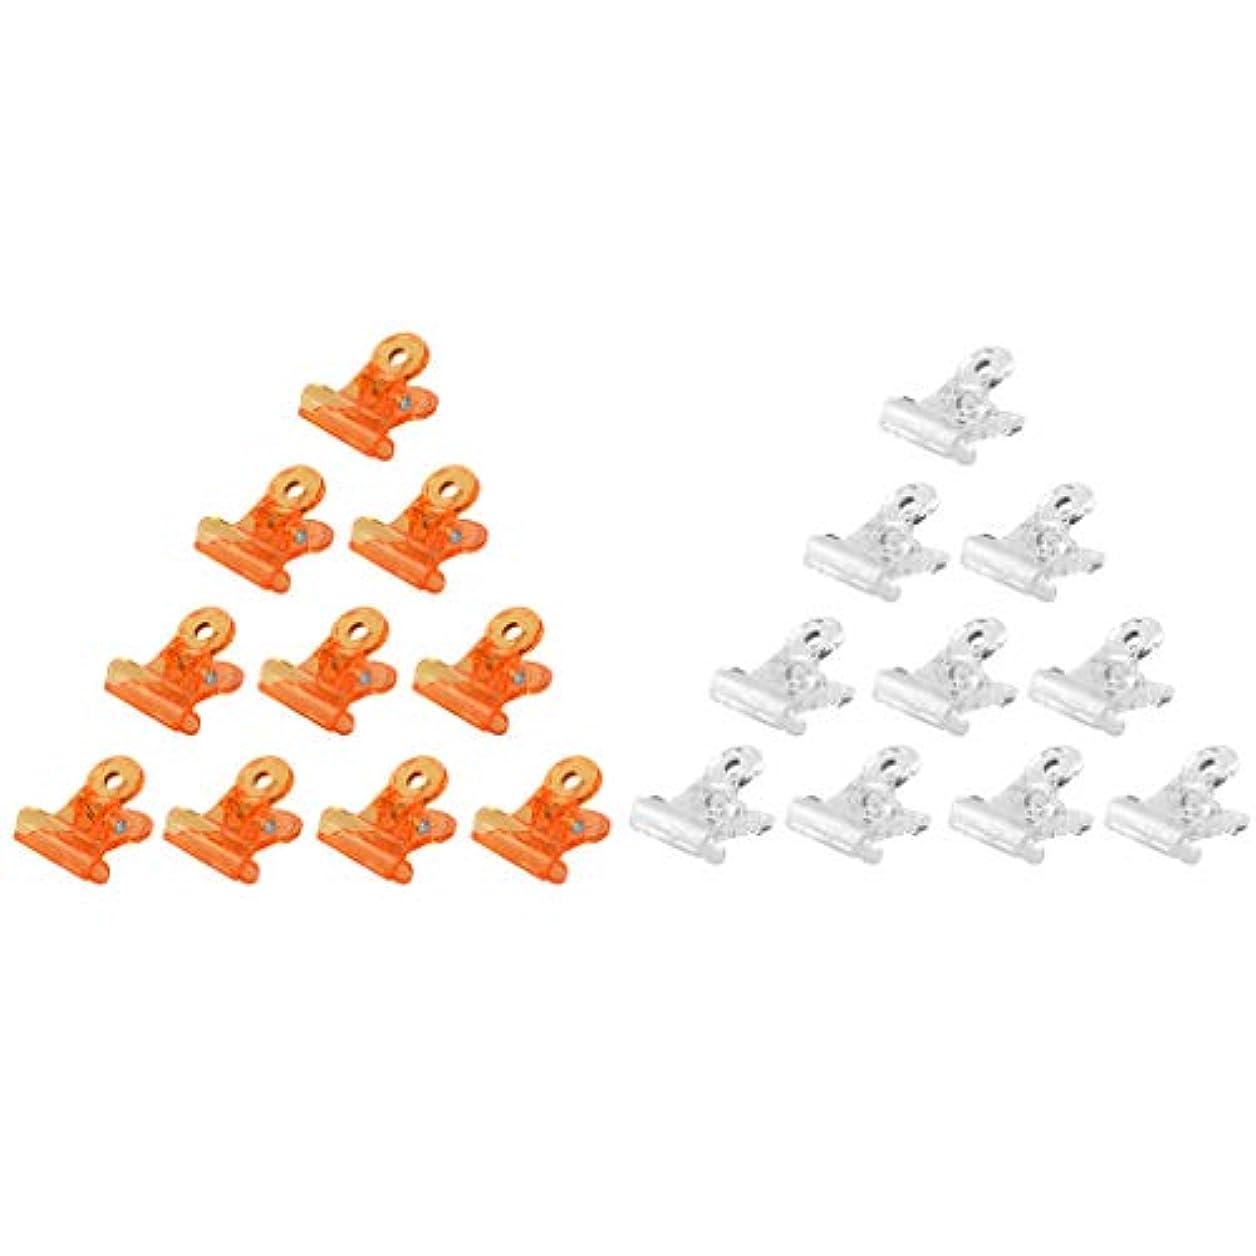 思春期のカヌーにT TOOYFUL ネイルポリッシュ リムーバークリップ アクリル ネイルクリップ ネイルケアツール 全3種 - オレンジ+クリア